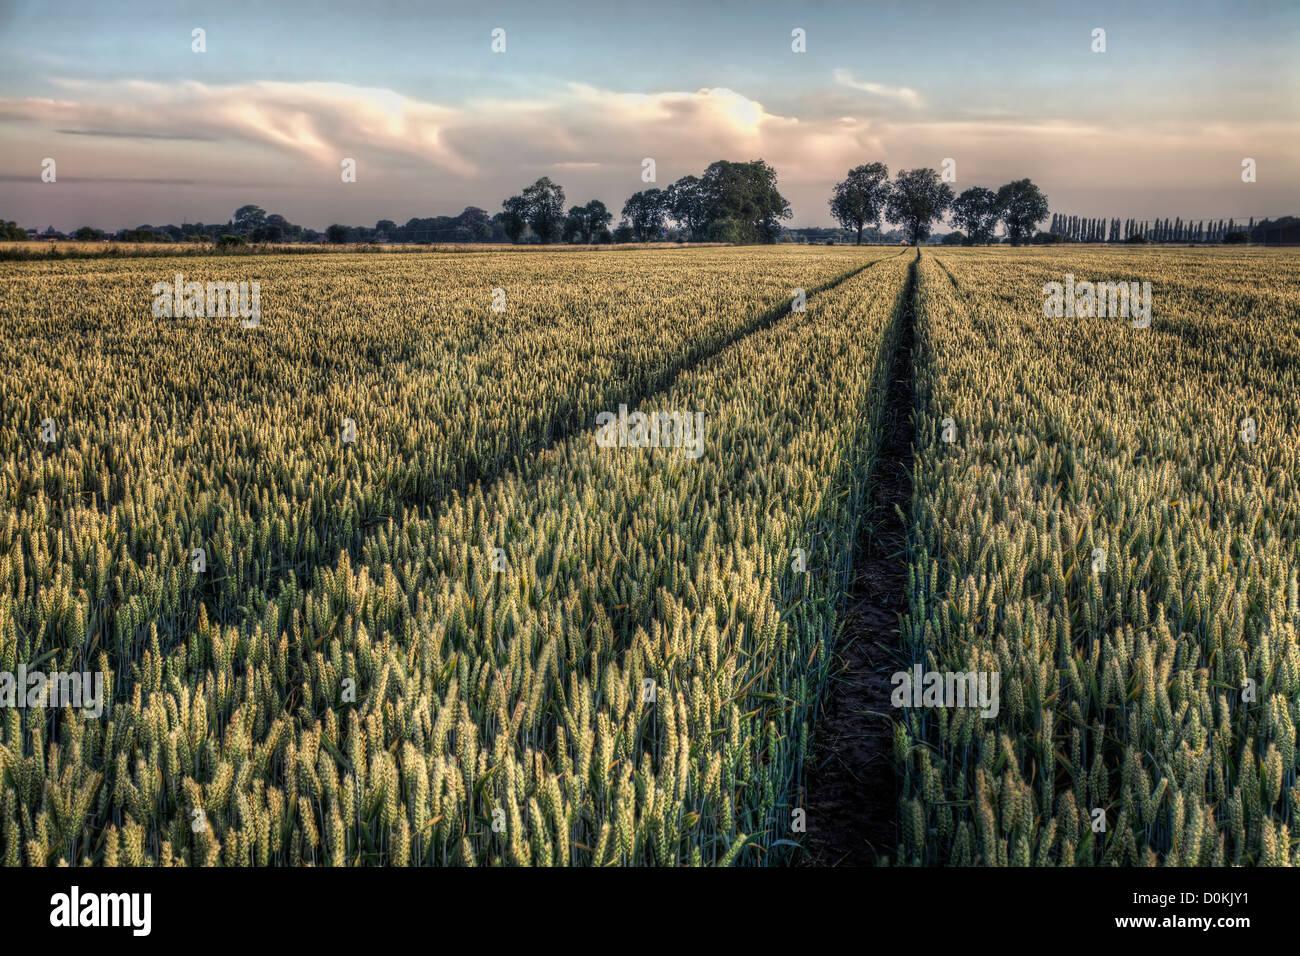 Chemin à travers un champ de blé mûrit juste avant la récolte. Photo Stock